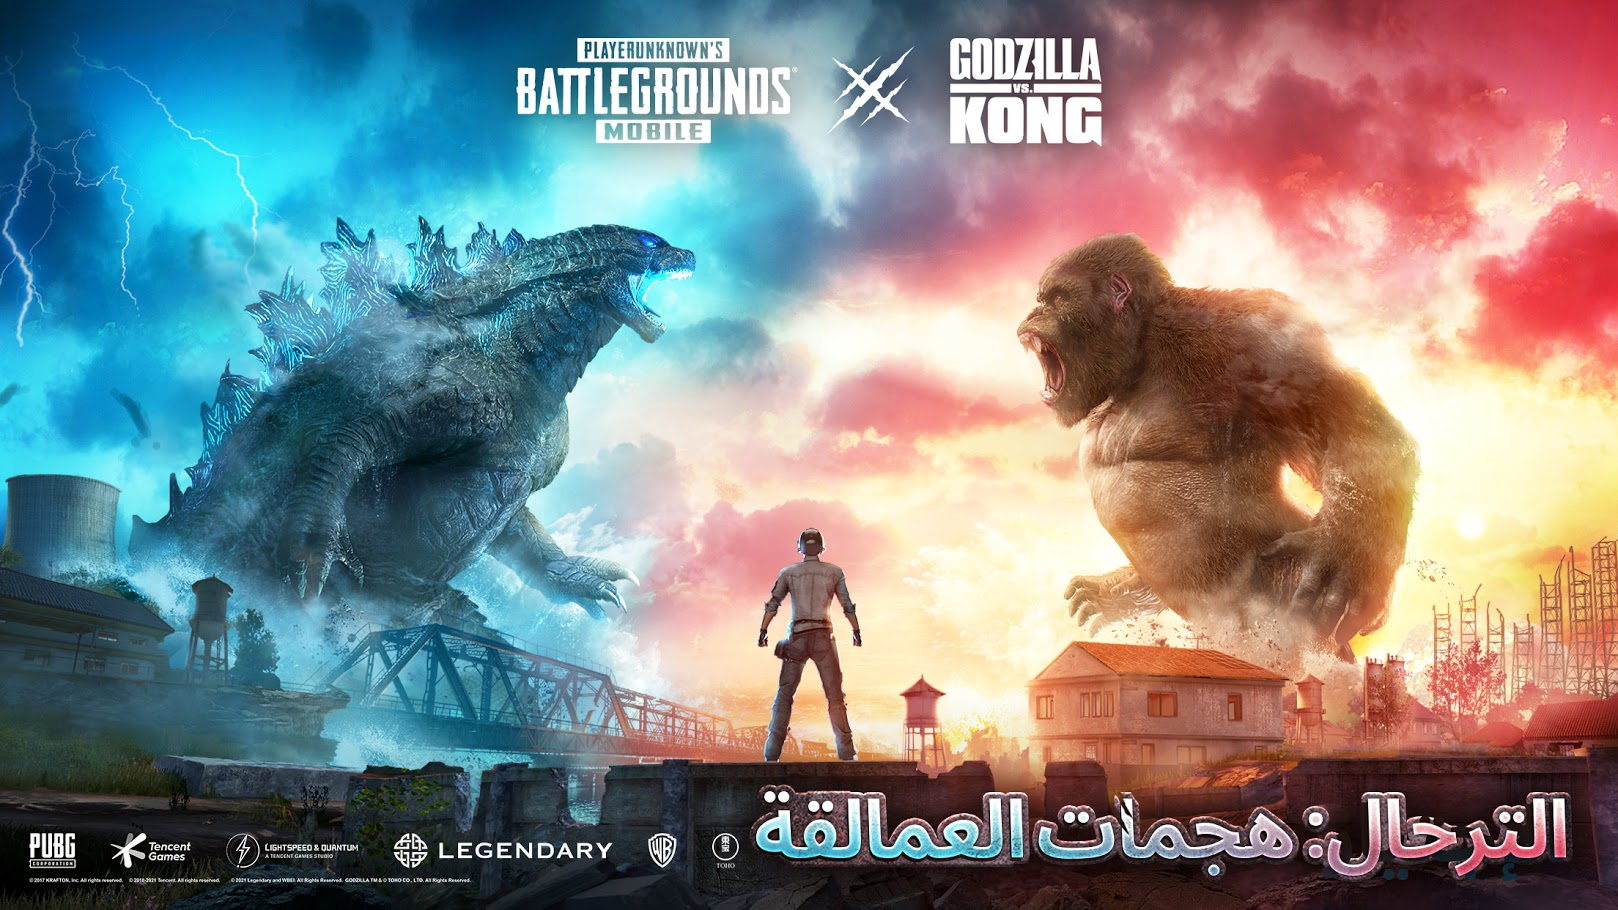 تحميل ببجي التحديث الجديد 1.4.0 PUBG Mobile: Godzilla vs Kong : APK-OBB الترحال